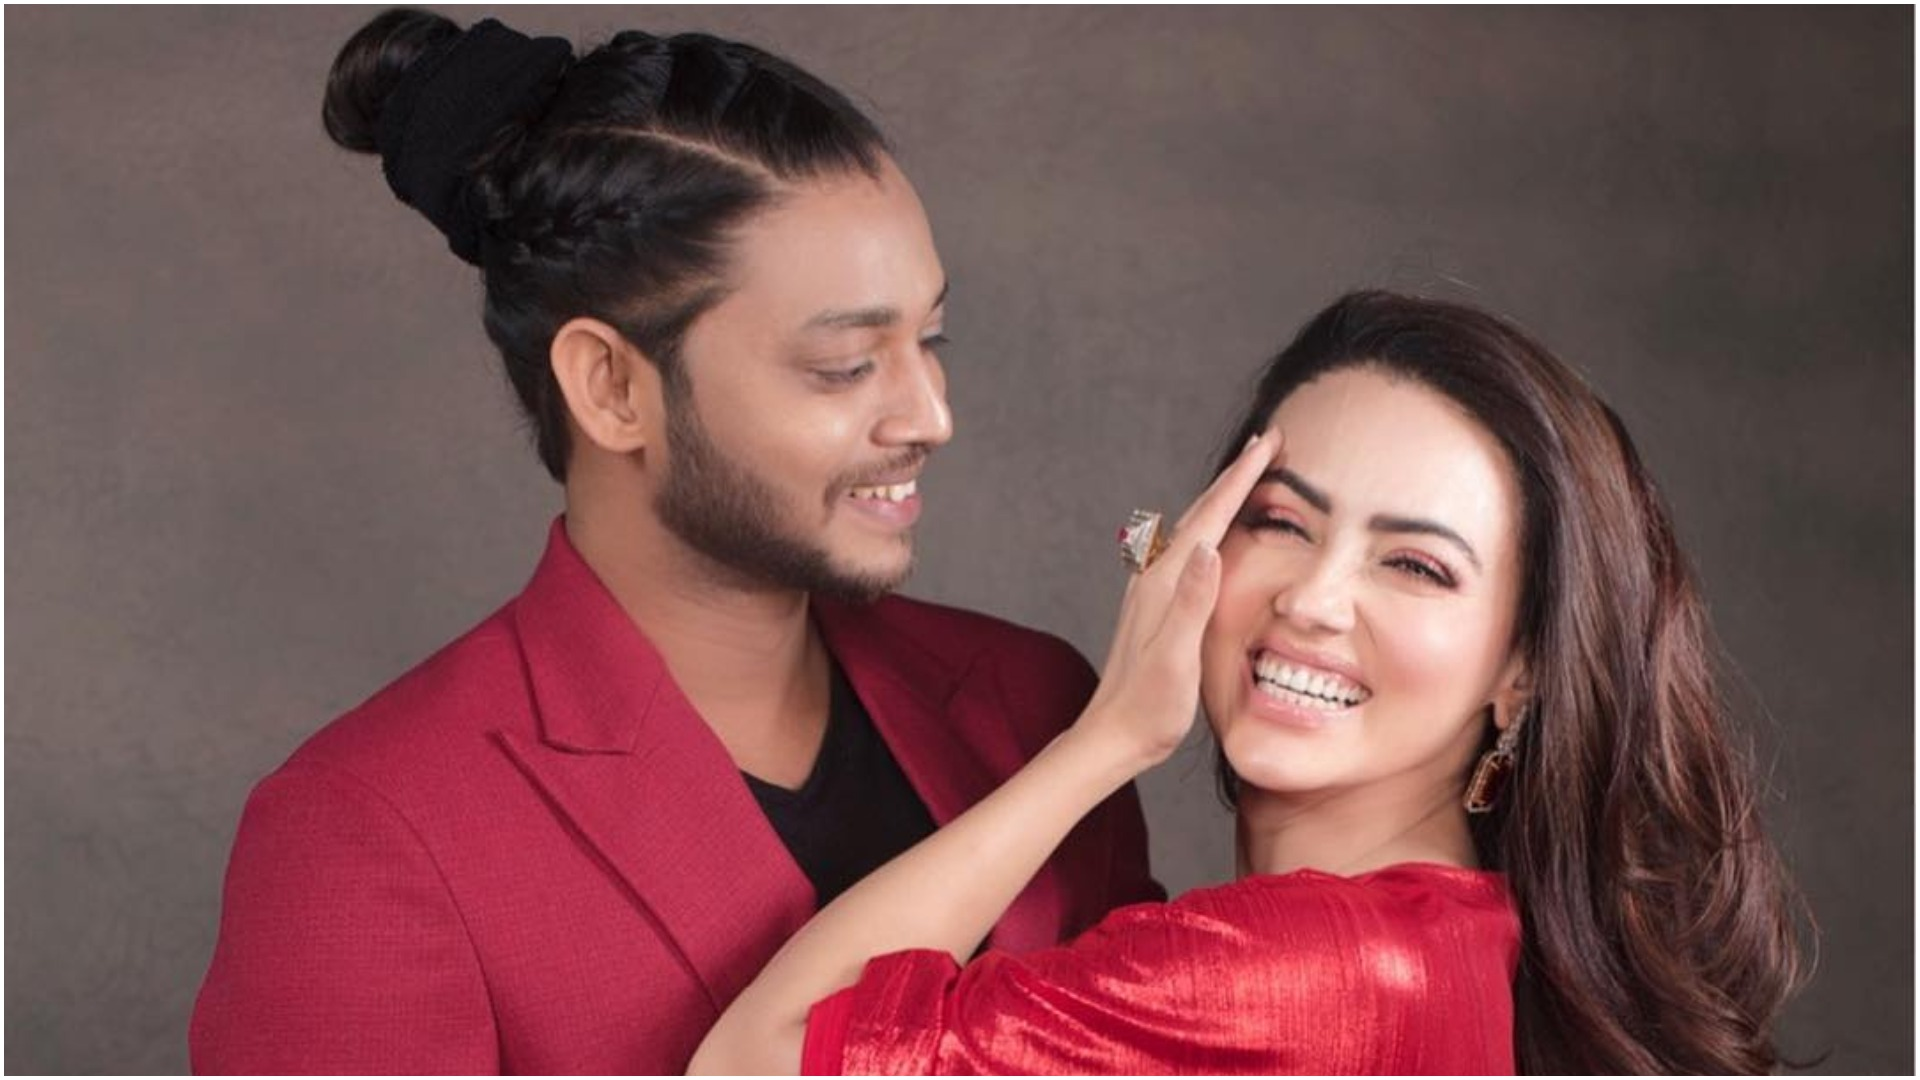 एक्सक्लूसिव: क्या सना खान और मेल्विन लुइस बनेंगे नच बलिये 9 का हिस्सा? यहां पढ़ें इस ख़बर की सच्चाई